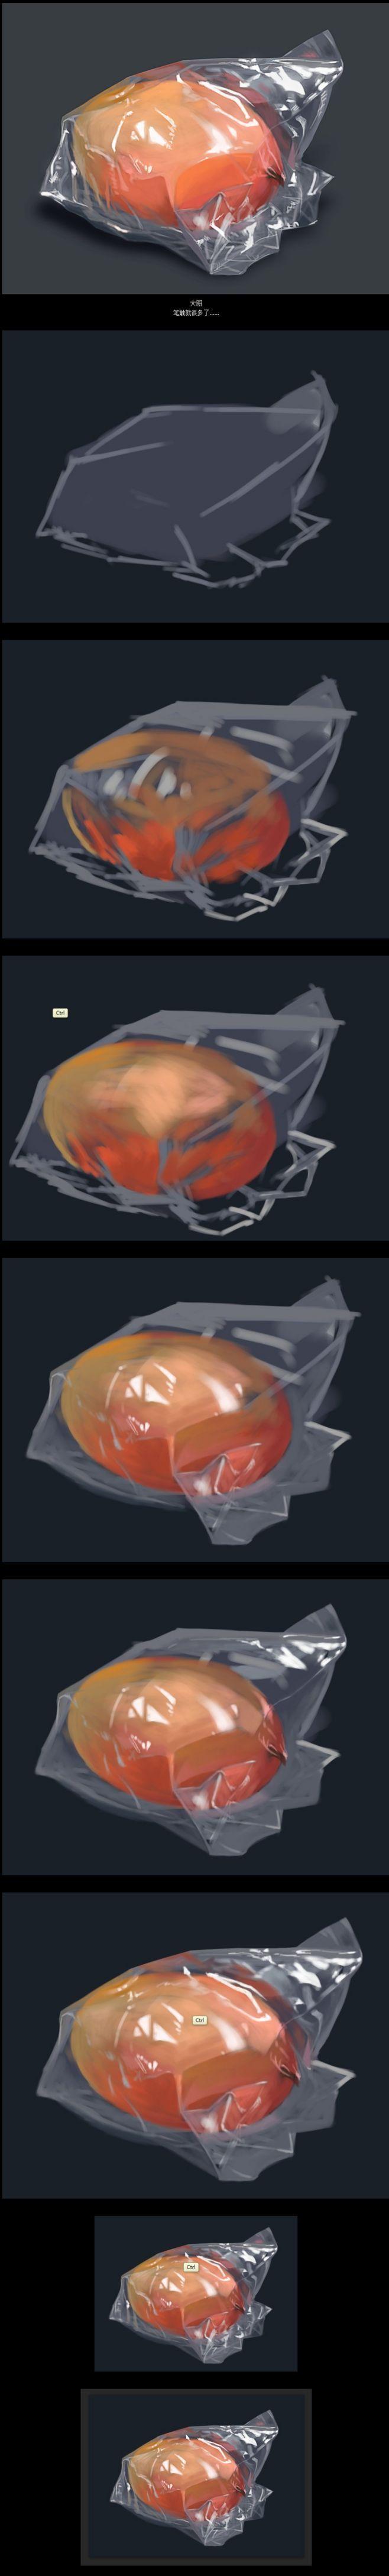 塑料袋质感(带大概步骤图)|绘画习作|插...: